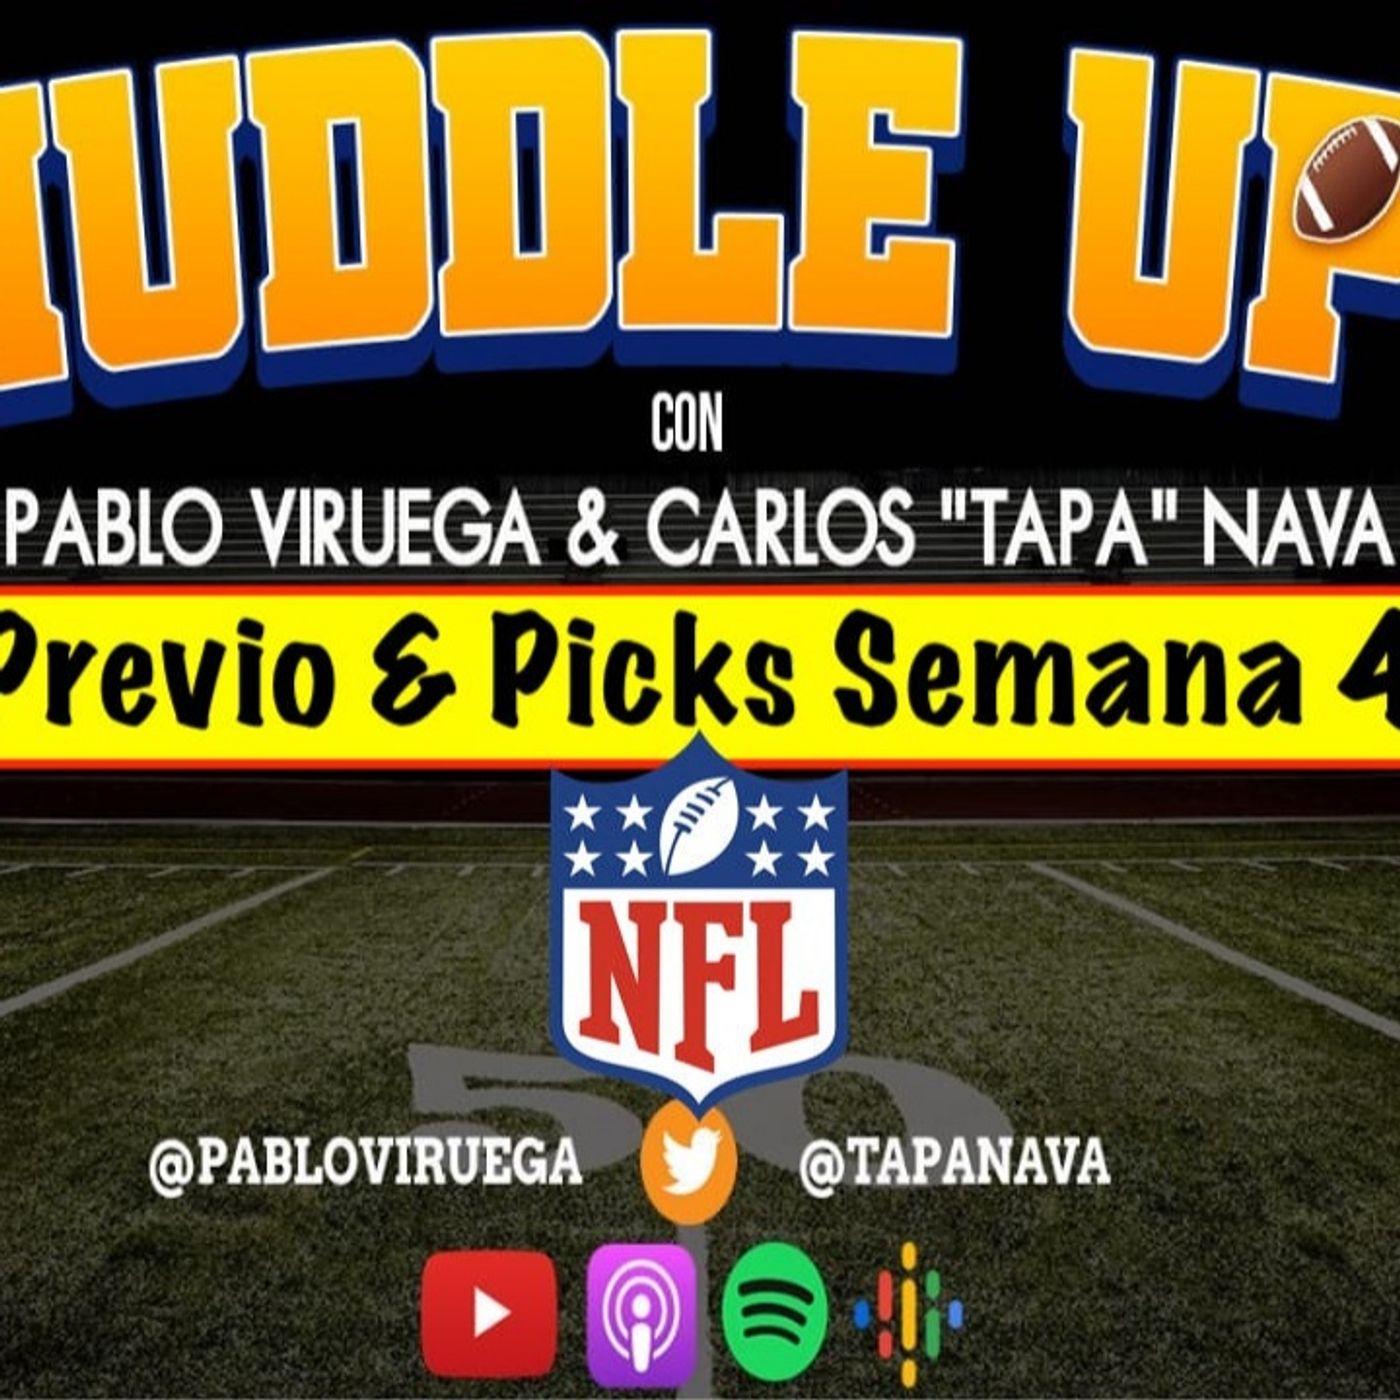 #HuddleUP Previo & Picks Semana 4 #NFL @TapaNava y @PabloViruega